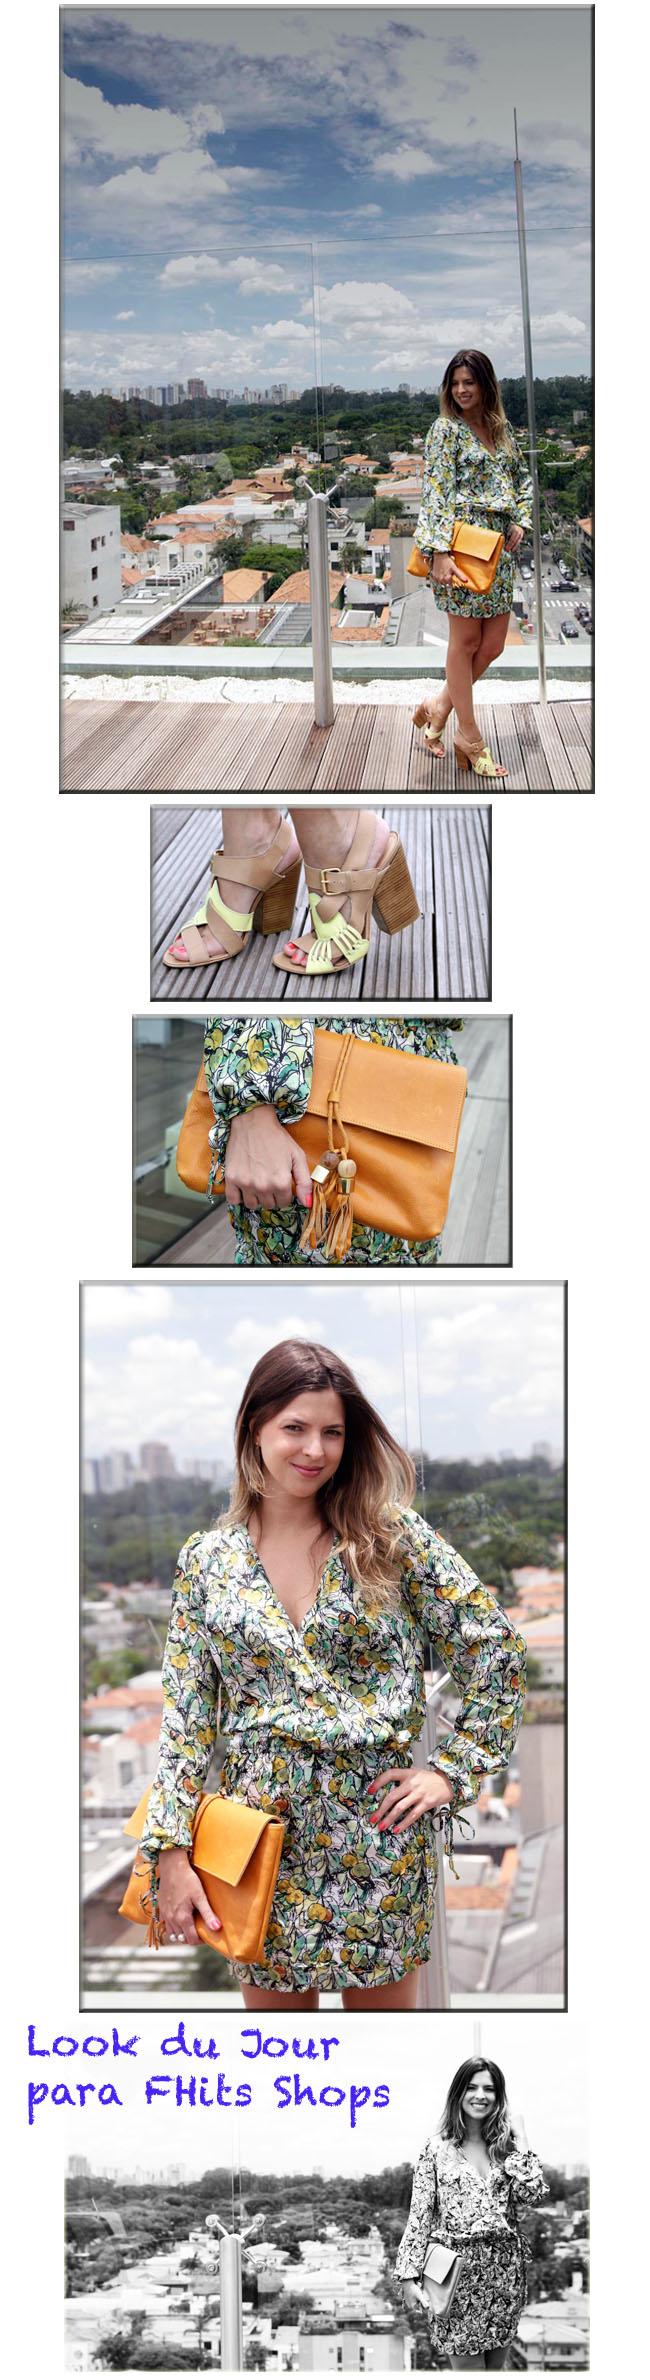 Look, look dia, look do dia, vestido estampado, leblog, patricia mattos, Look do dia leblog, fhits shopt, luiza Barcelos, bolsa laranja, vestido lita 11